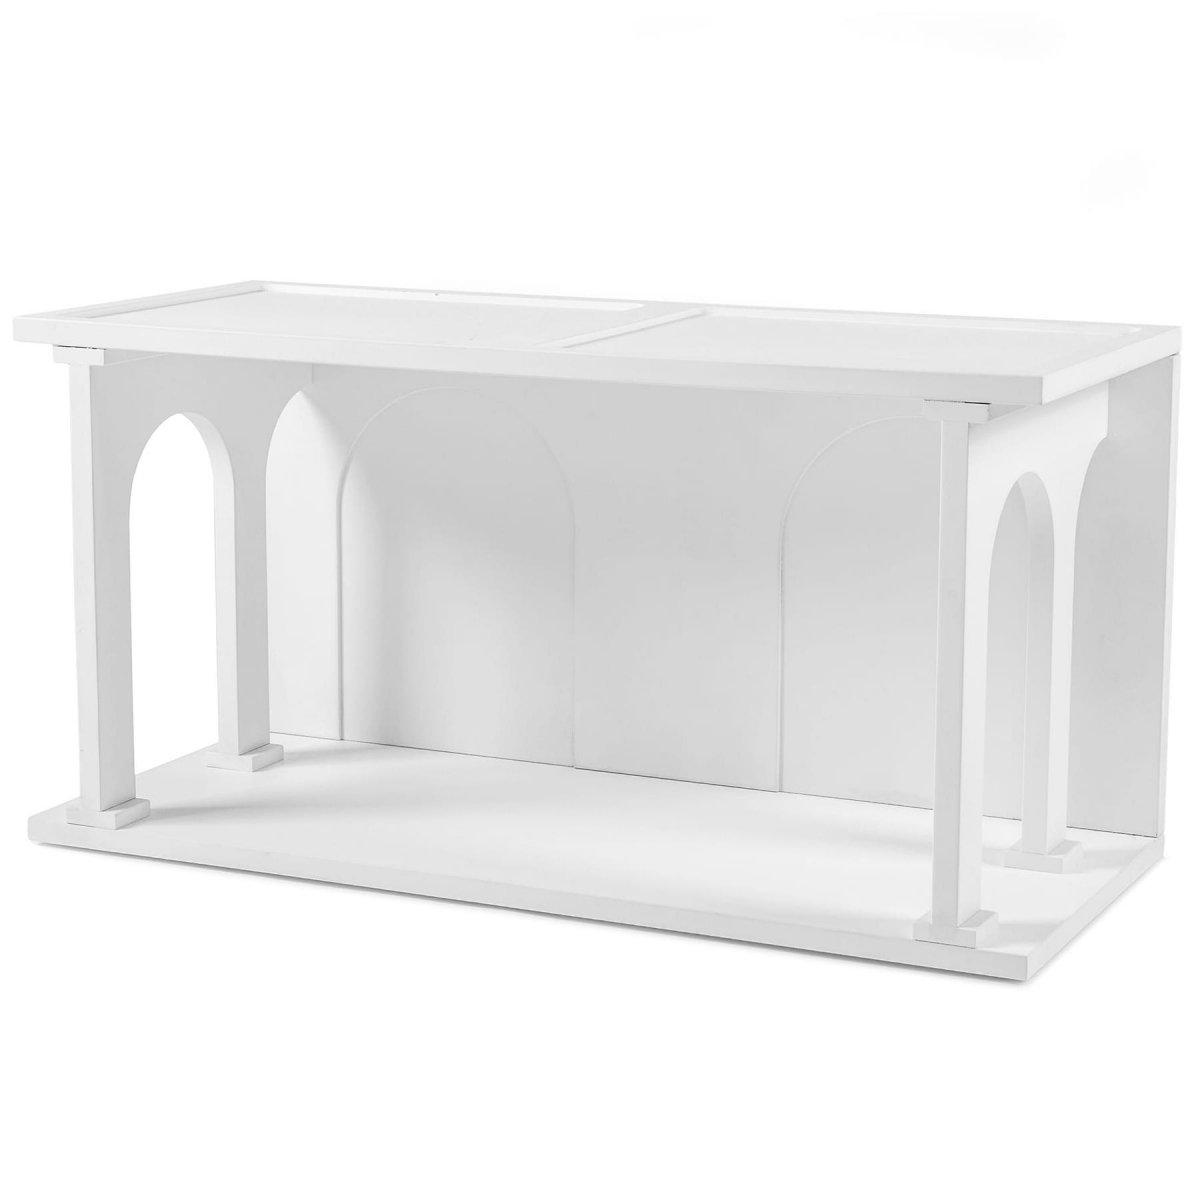 Полка Seletti Renaissance Double White  - фото 1